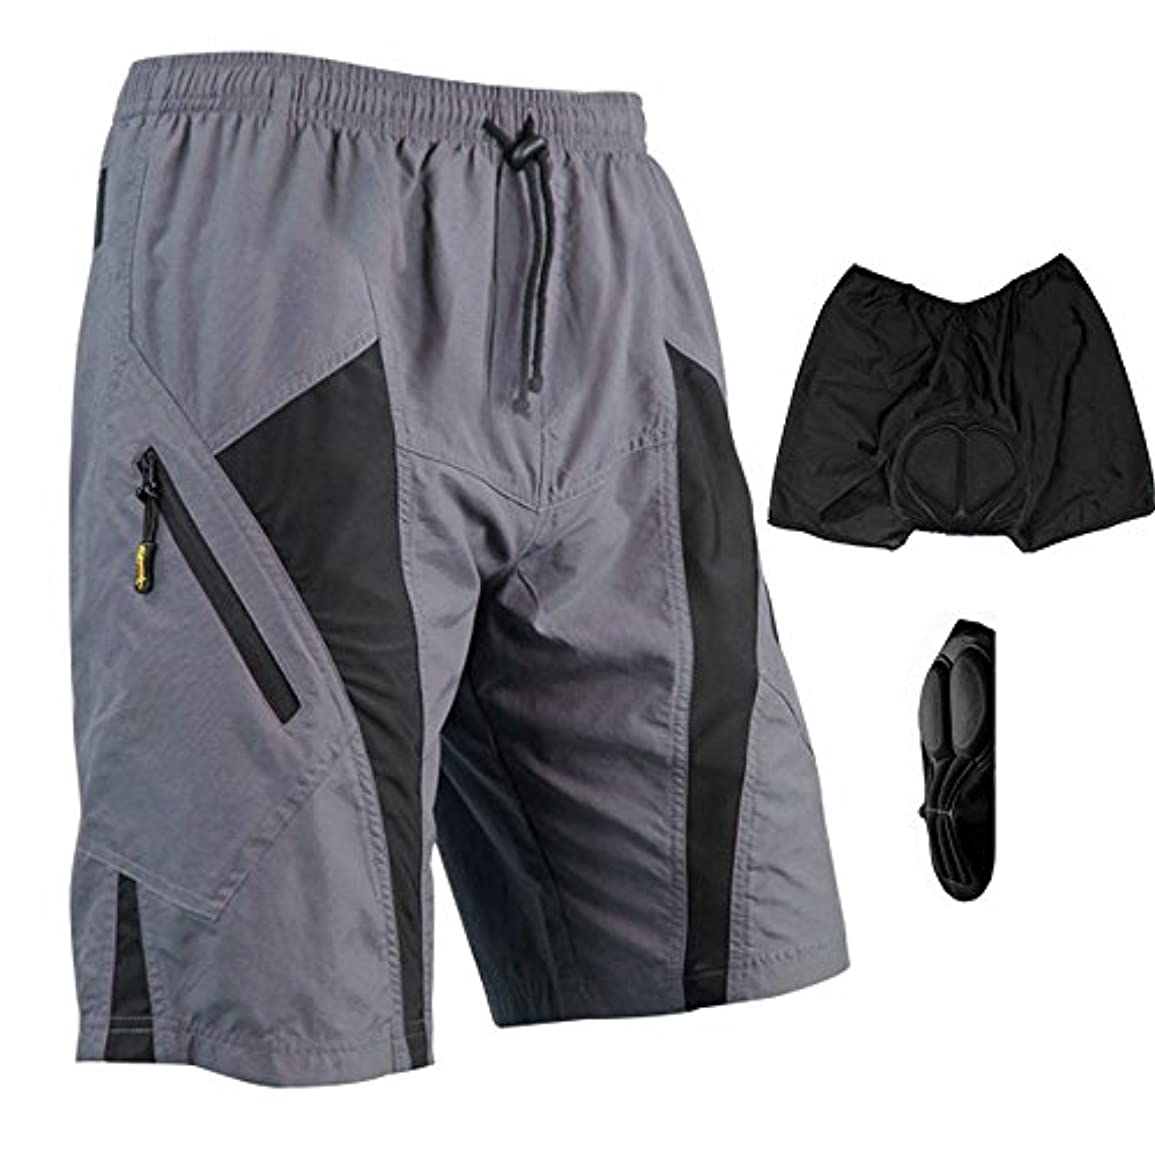 近々困った店主HI9 Store Santic ルーズフィット サイクリングパンツ 自転車バイクMTBショーツ(3Dゲルパッド付き)レジャーパンツ Loose Fit Cycling Bicycle Bike MTB Shorts 3D...